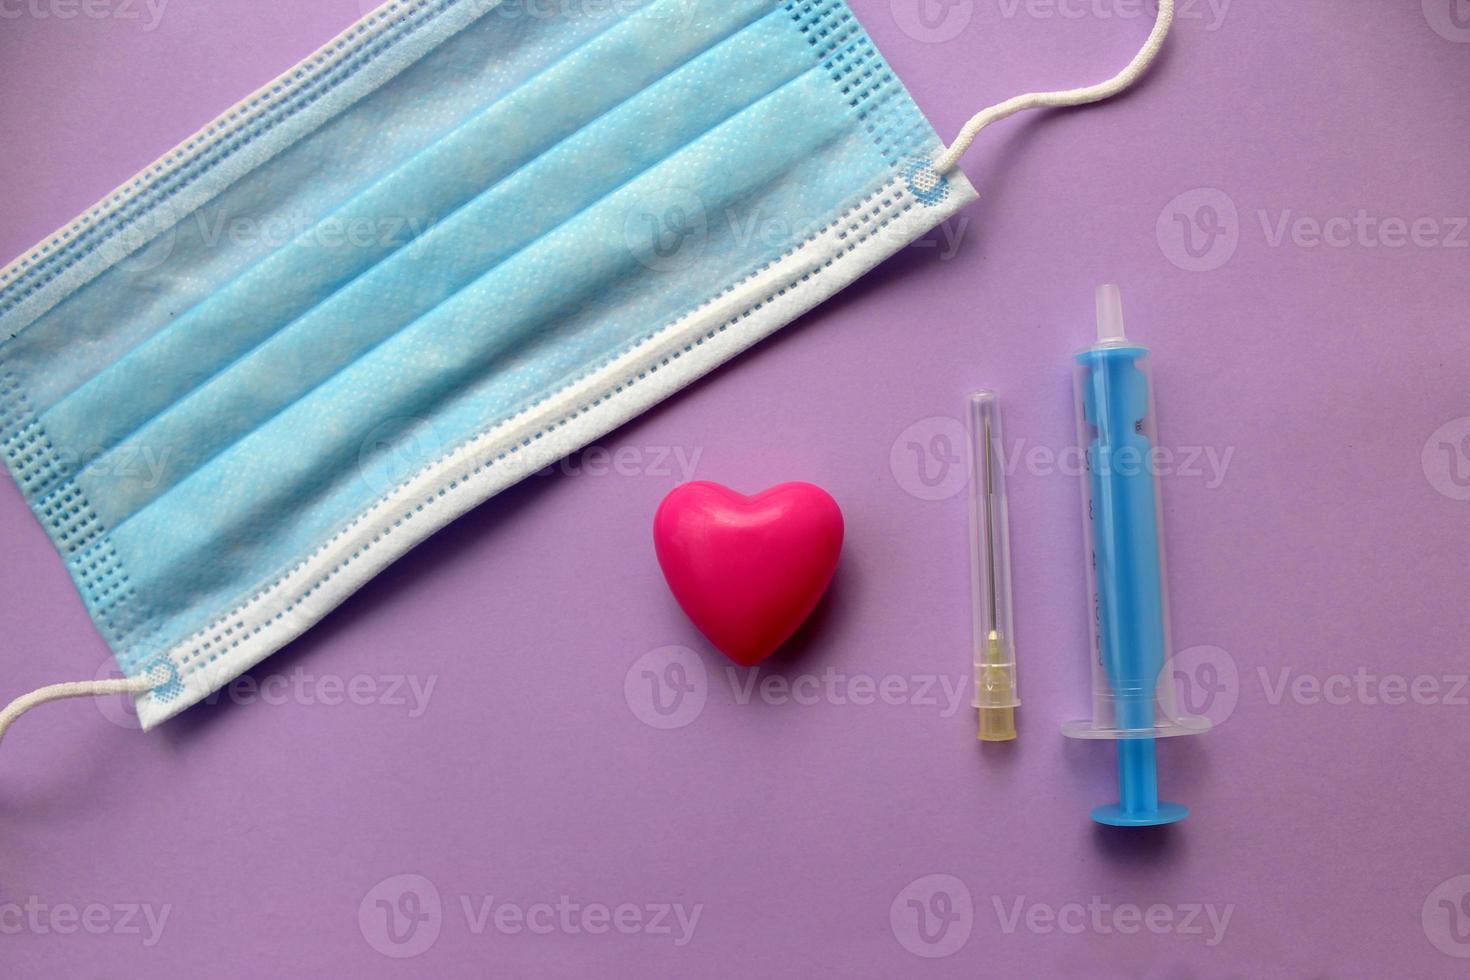 beschermend chirurgisch masker, spuit en naald foto